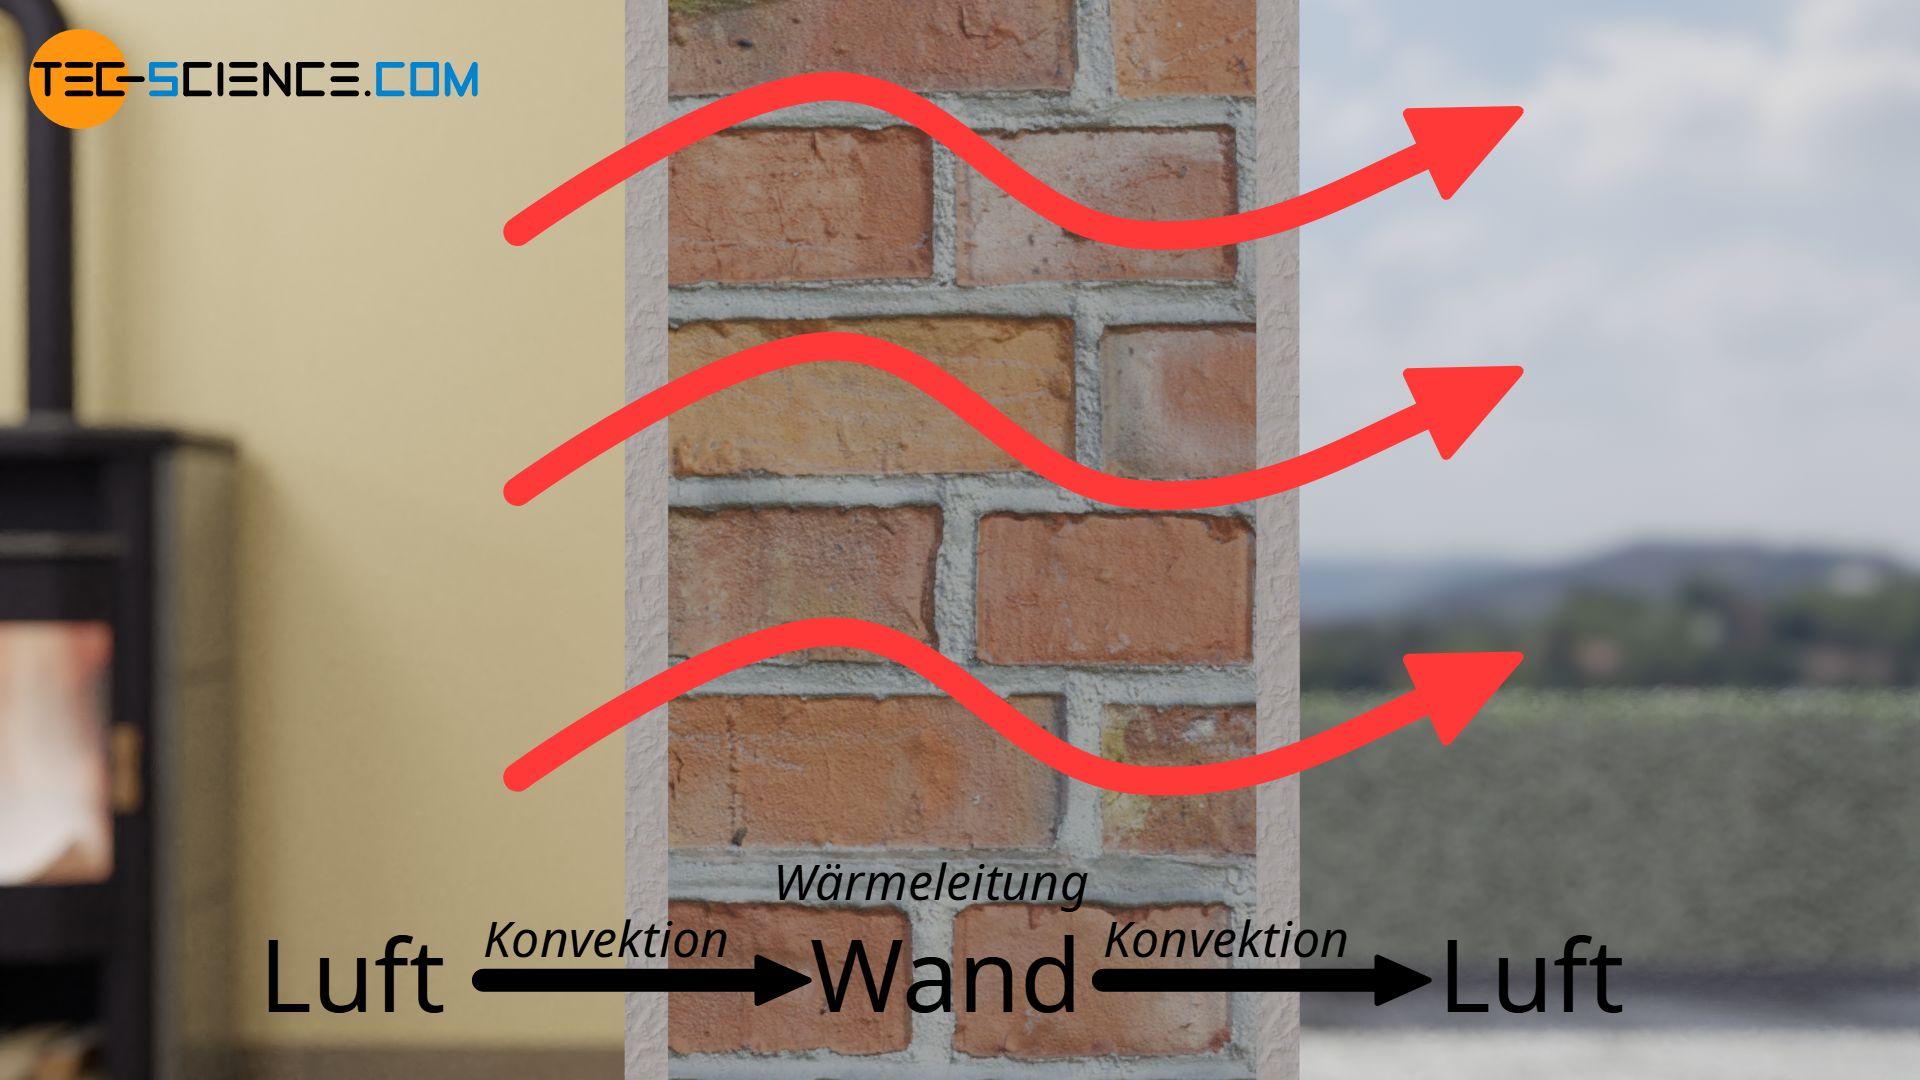 Wärmestrom durch eine Wand durch Konvektion und Wärmeleitung